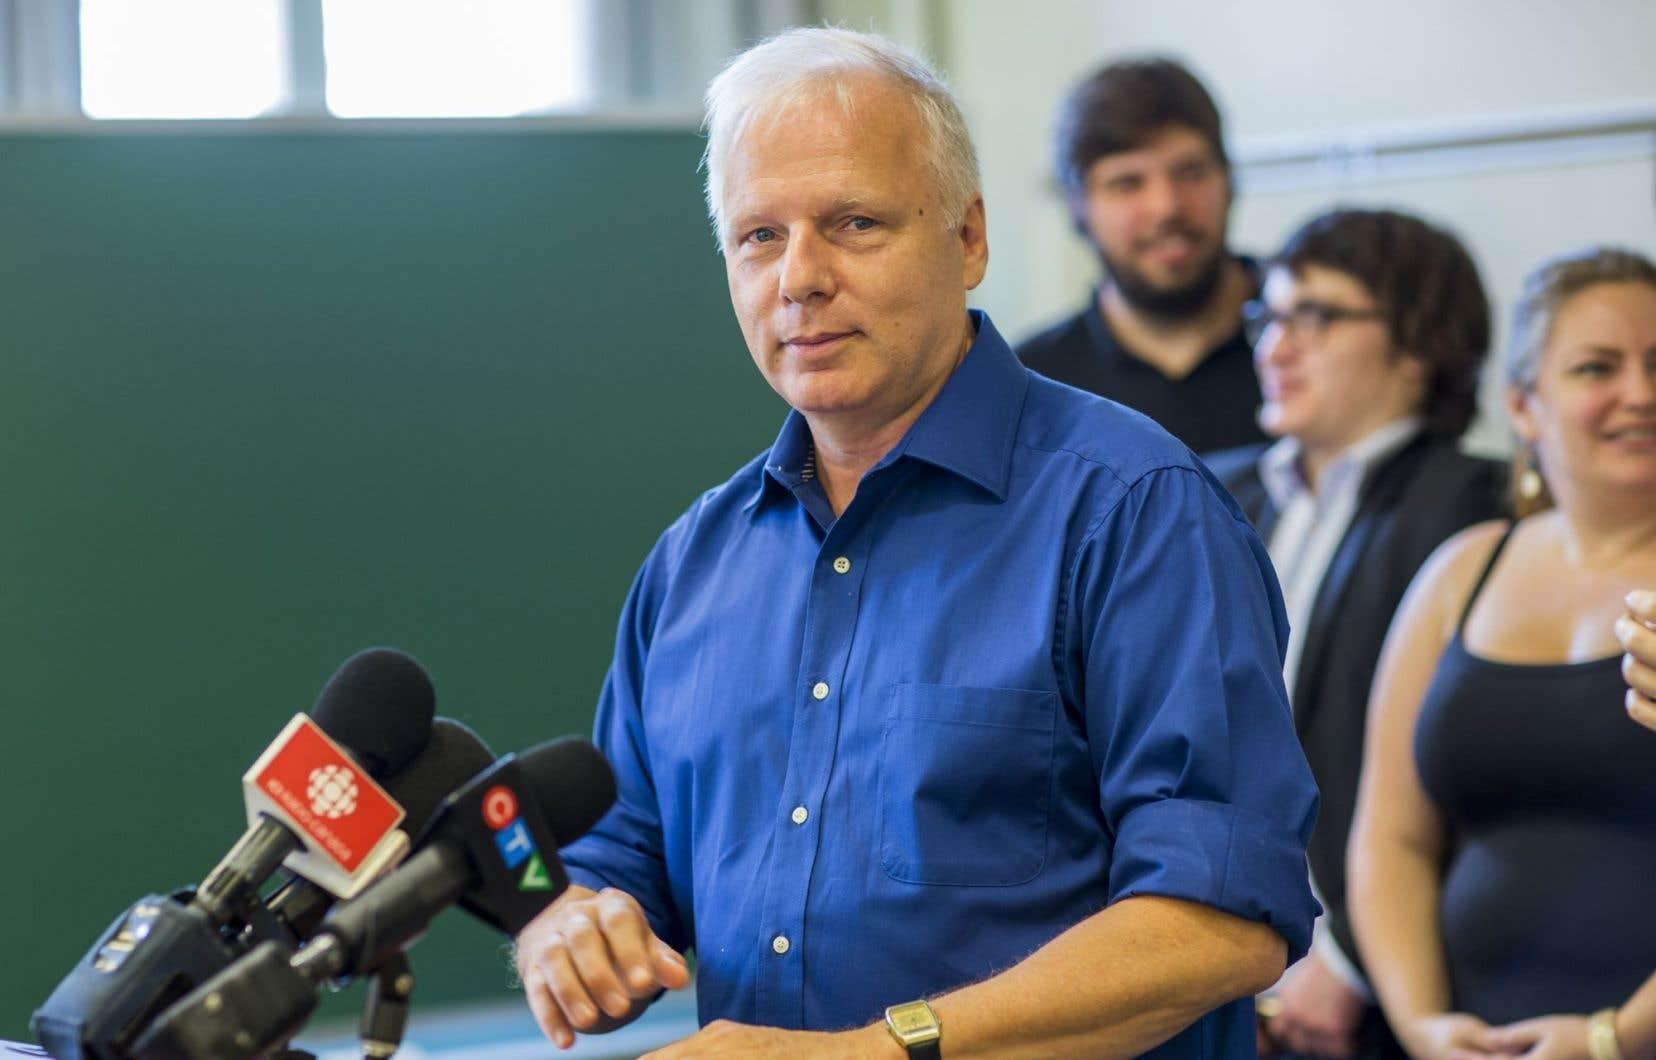 Jean-François Lisée s'est distancié de certains des aspects de la charte dans la foulée de la défaite de son parti en 2014.